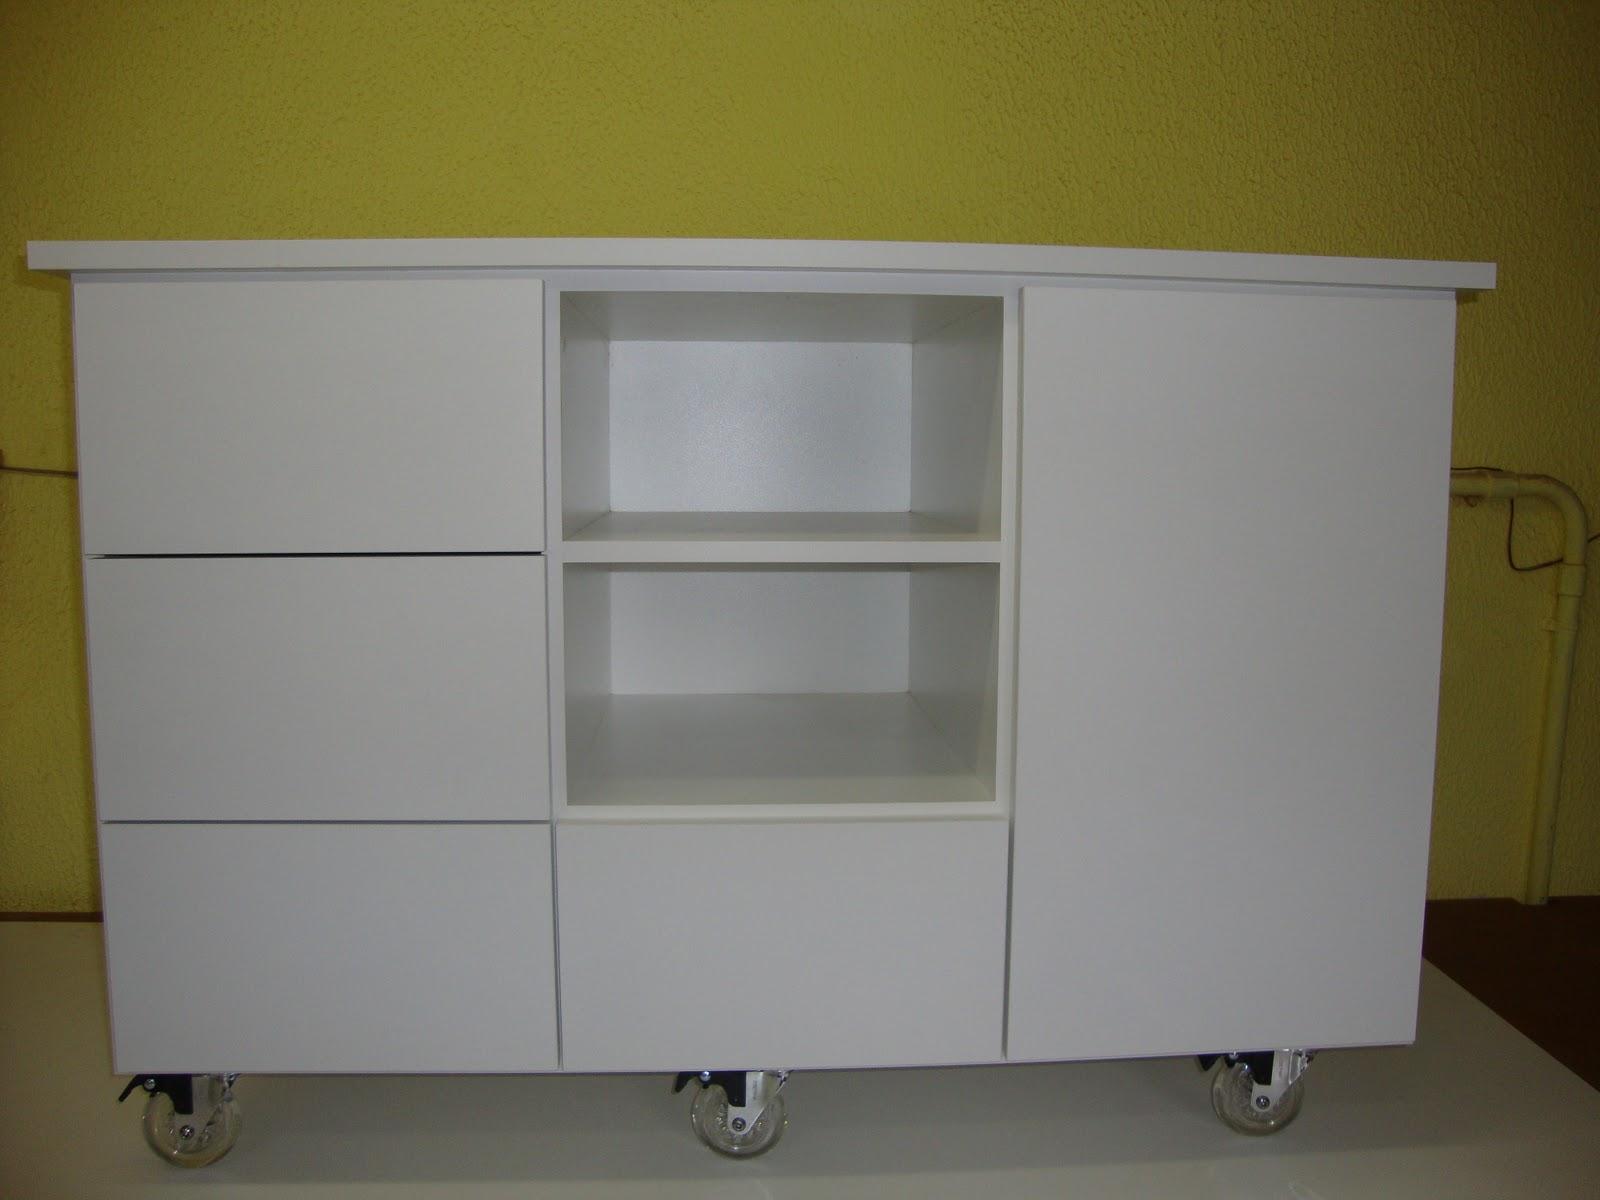 Marcenaria Mirueira: Gabinete de Banheiro com Rodízios #736B2A 1600x1200 Armario Banheiro Rodinha